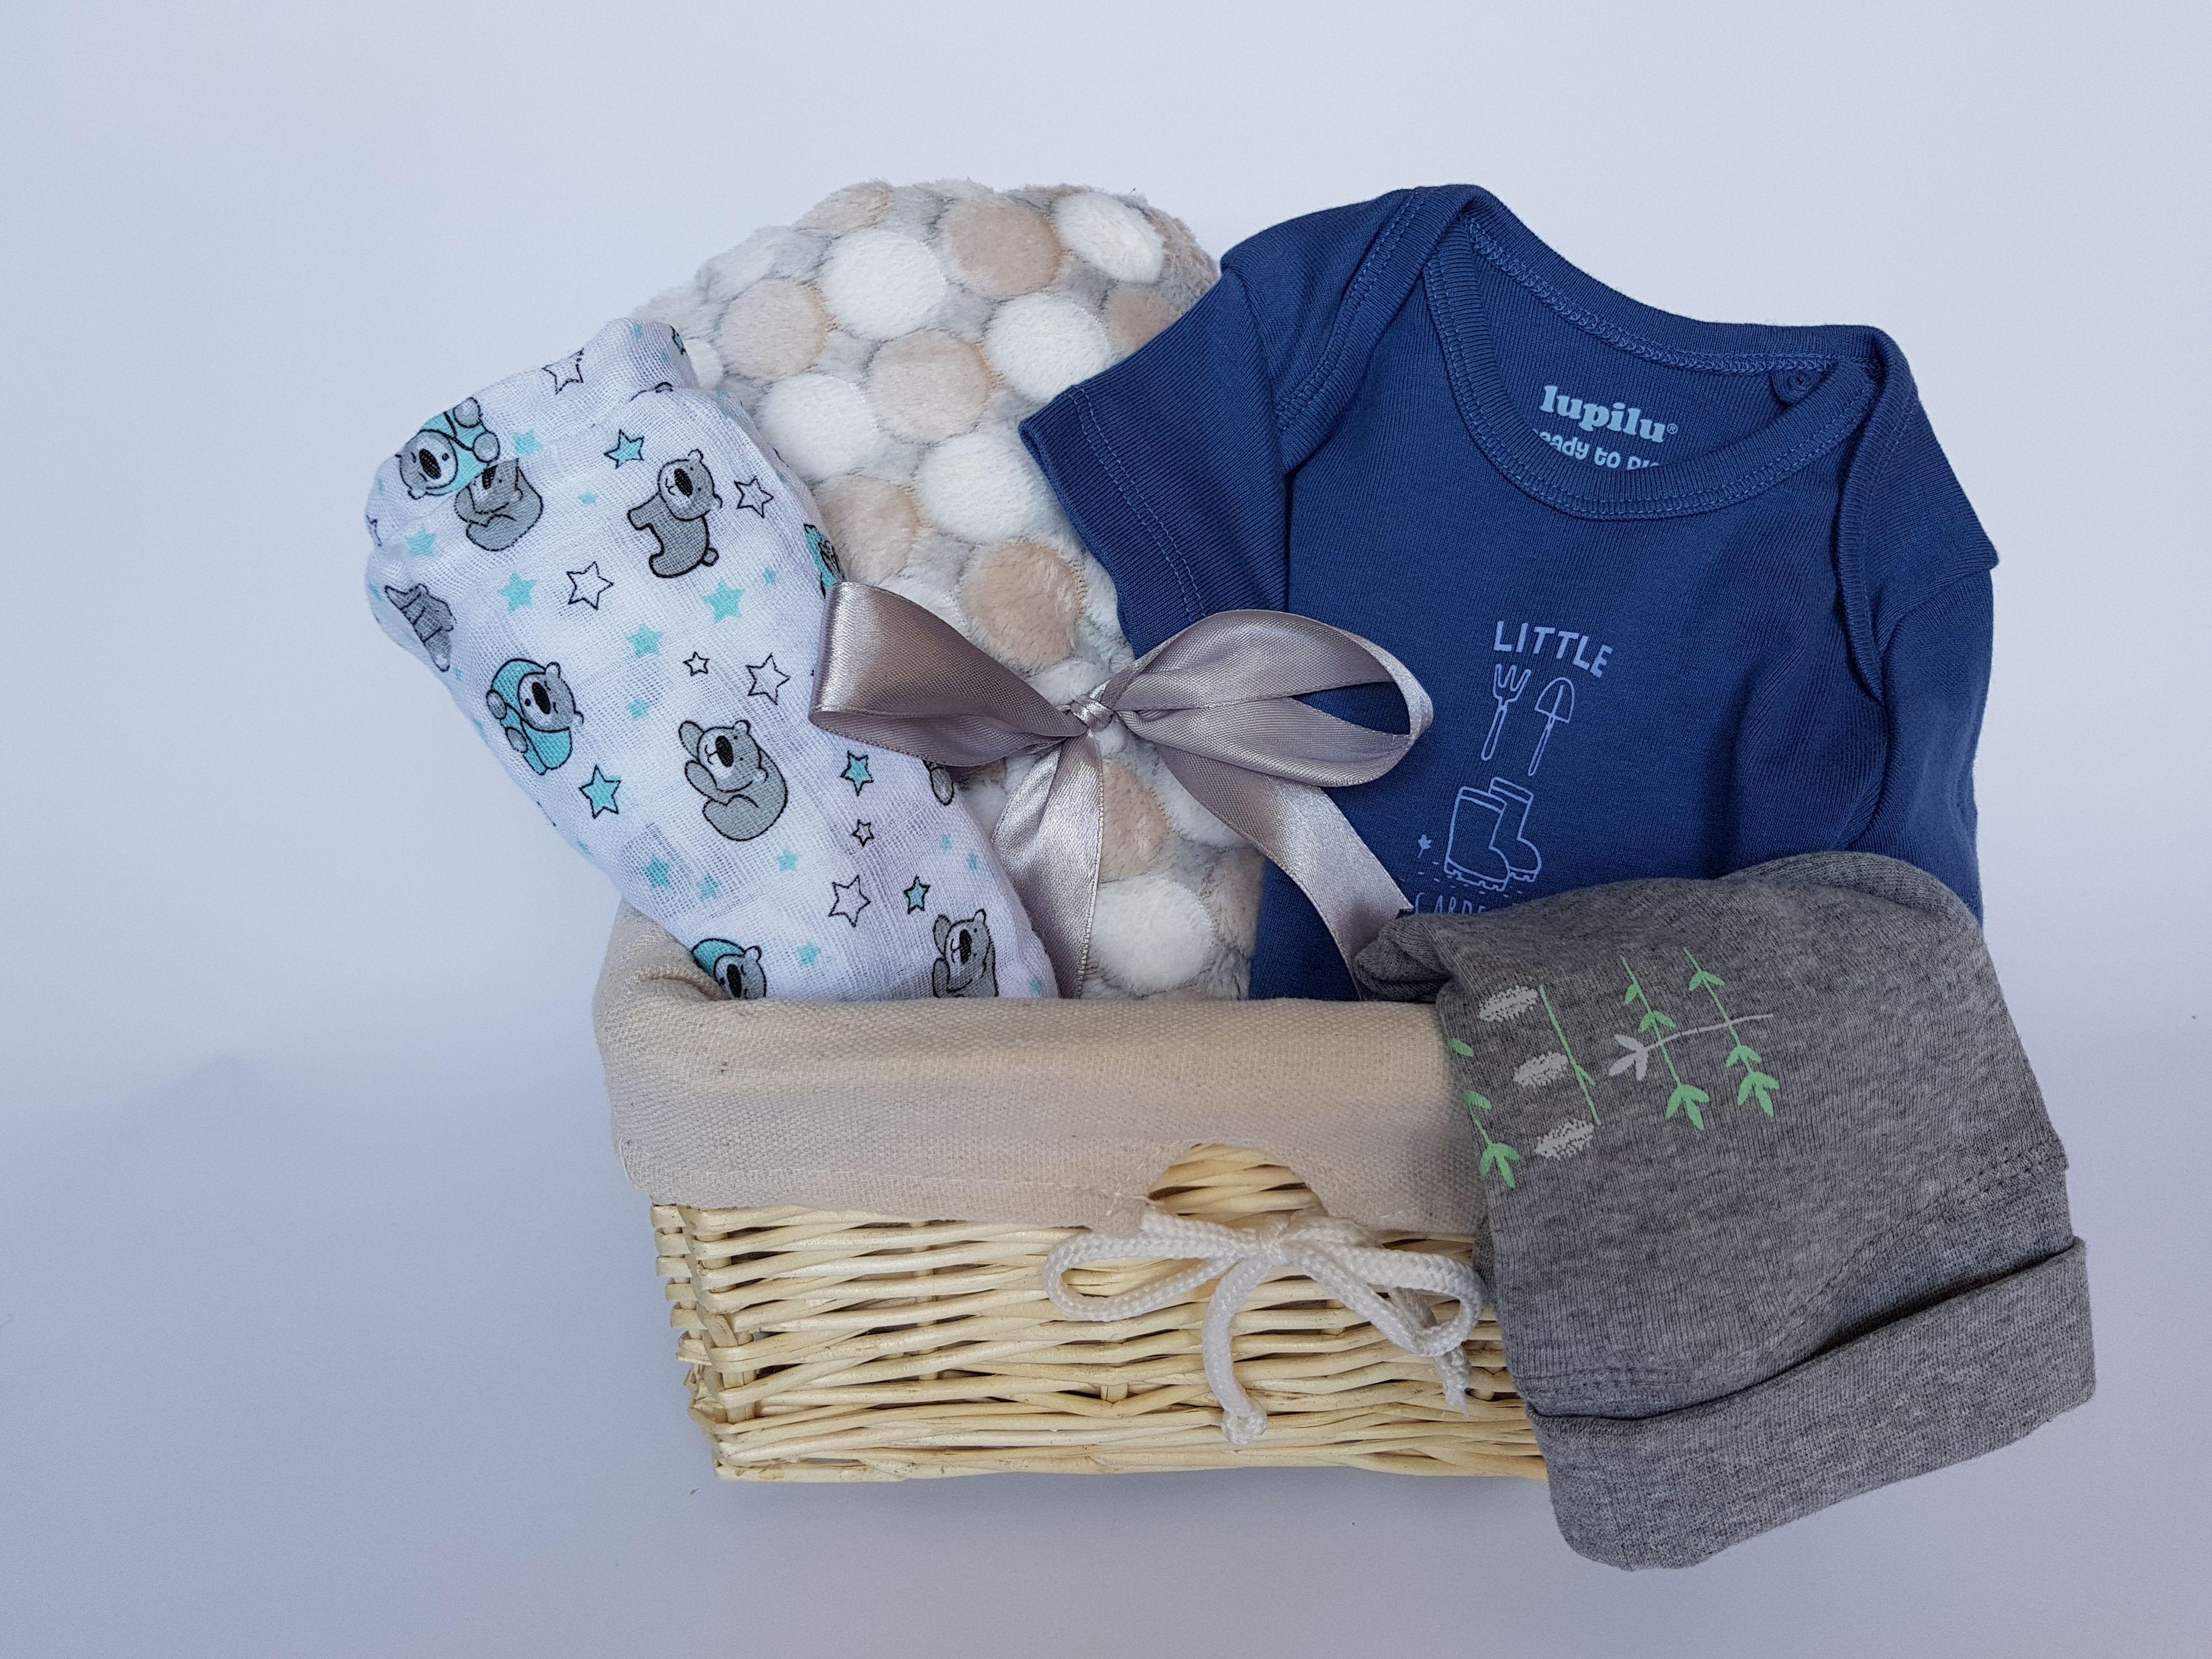 Zestaw Prezentowy Kosz Dla Dziecka Baby Shower 7441180101 Oficjalne Archiwum Allegro